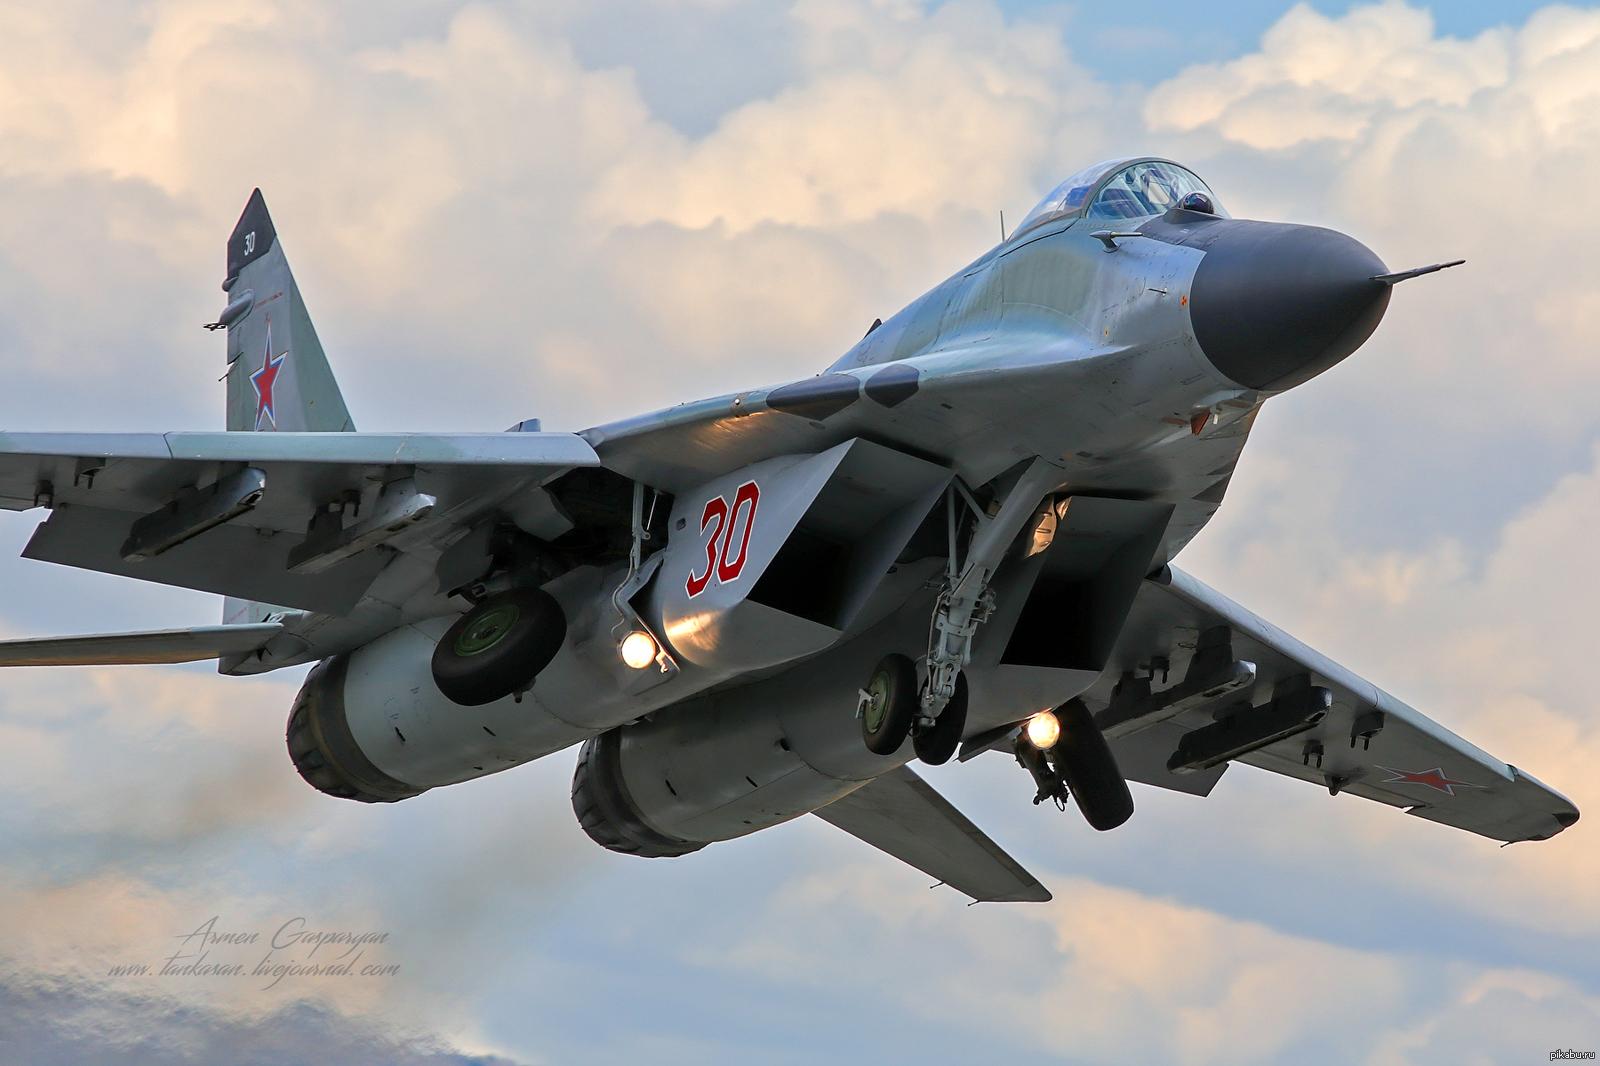 картинки русских самолетов военных что вокруг города